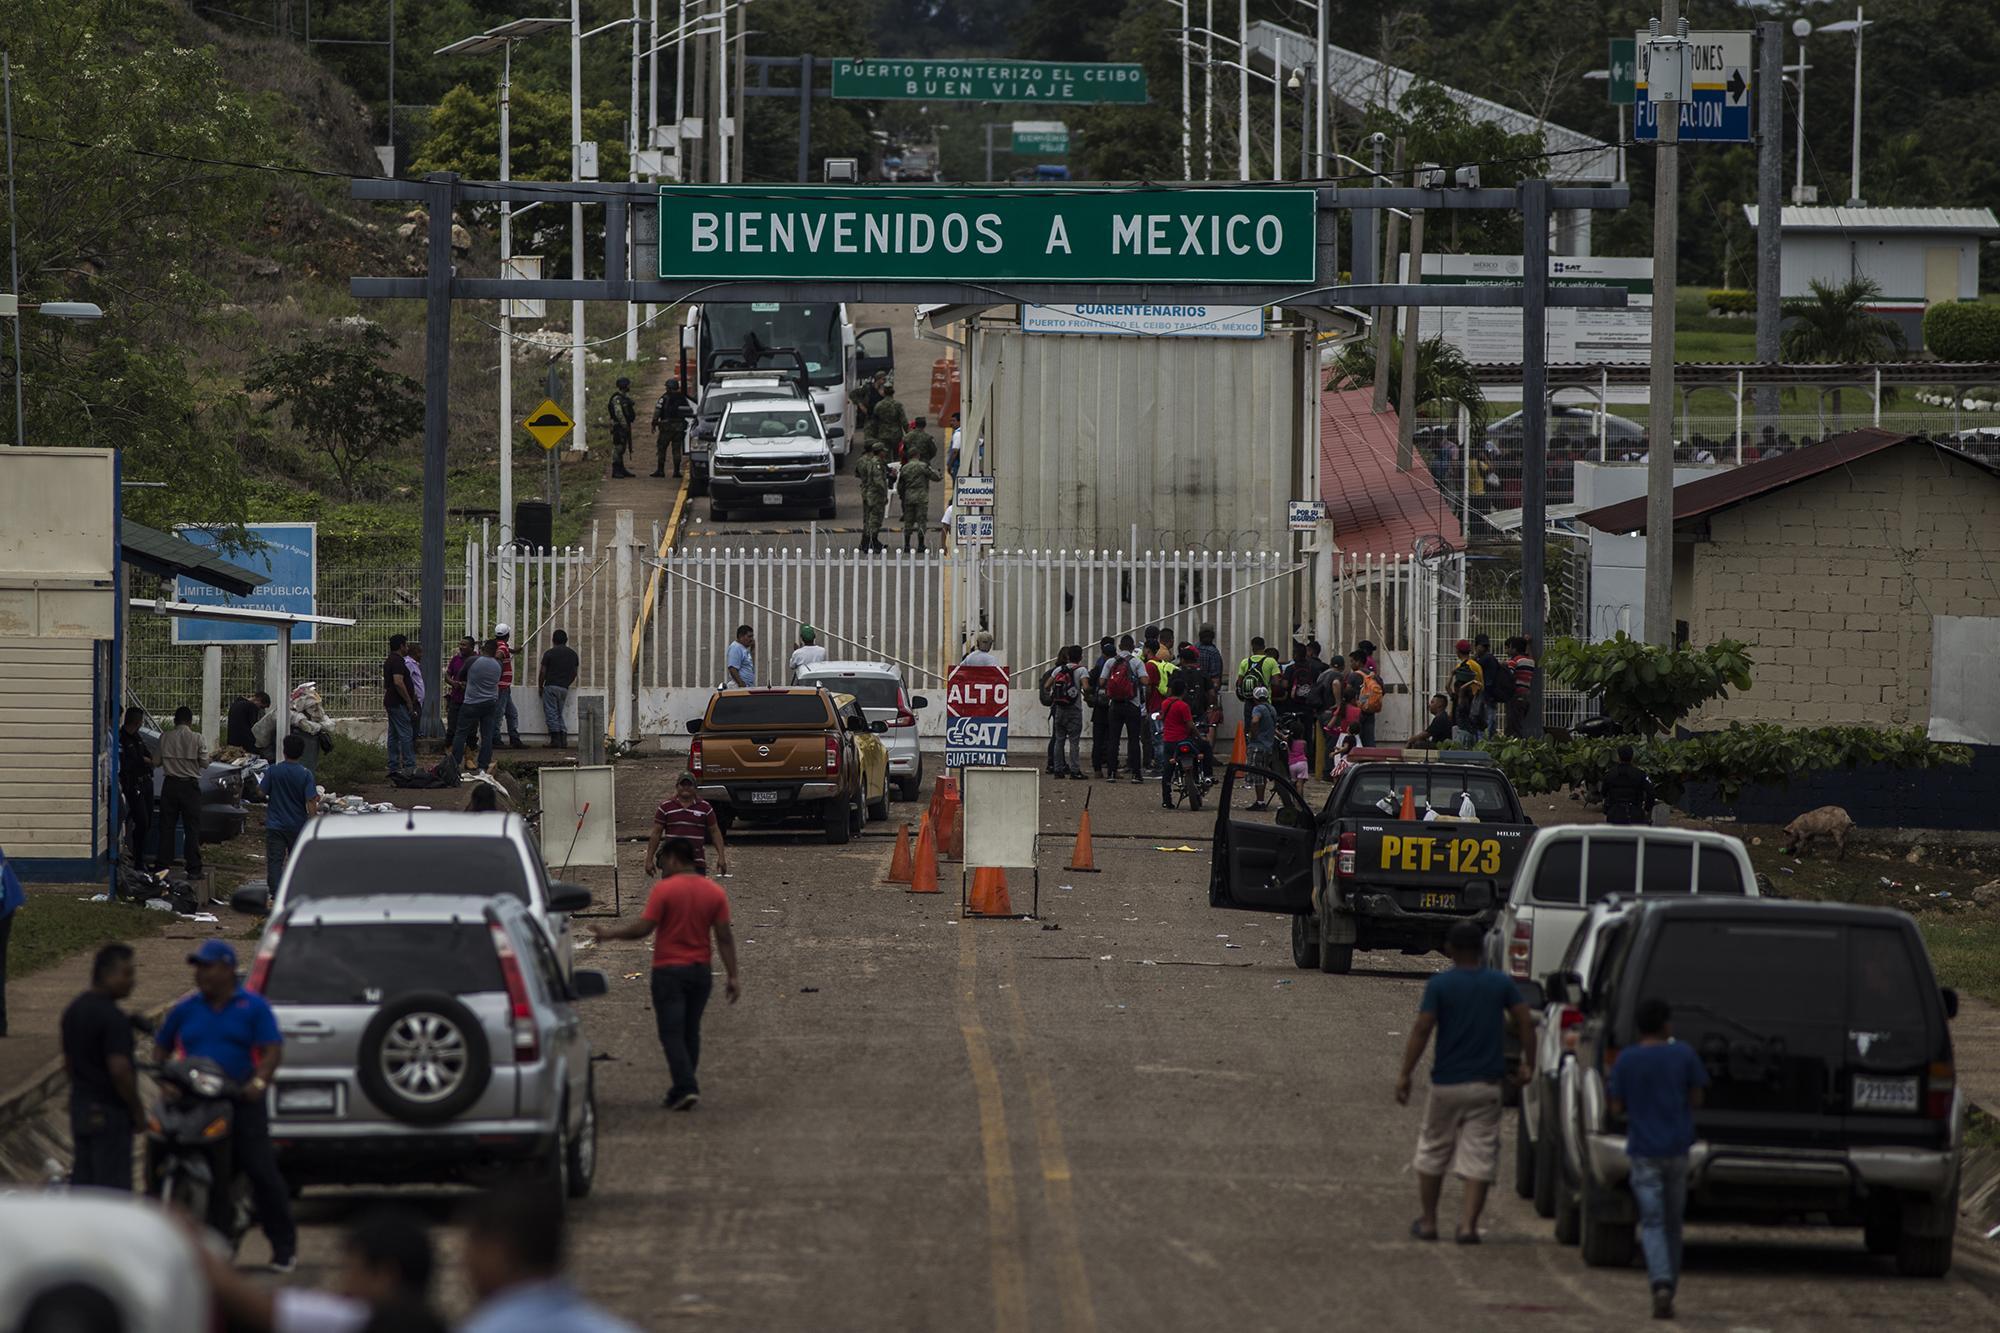 Minutos después de que la caravana ingresara a México la calle principal de El Ceibo volvió a la normalidad, a la rutina vacía de una frontera remota. Víctor Peña.